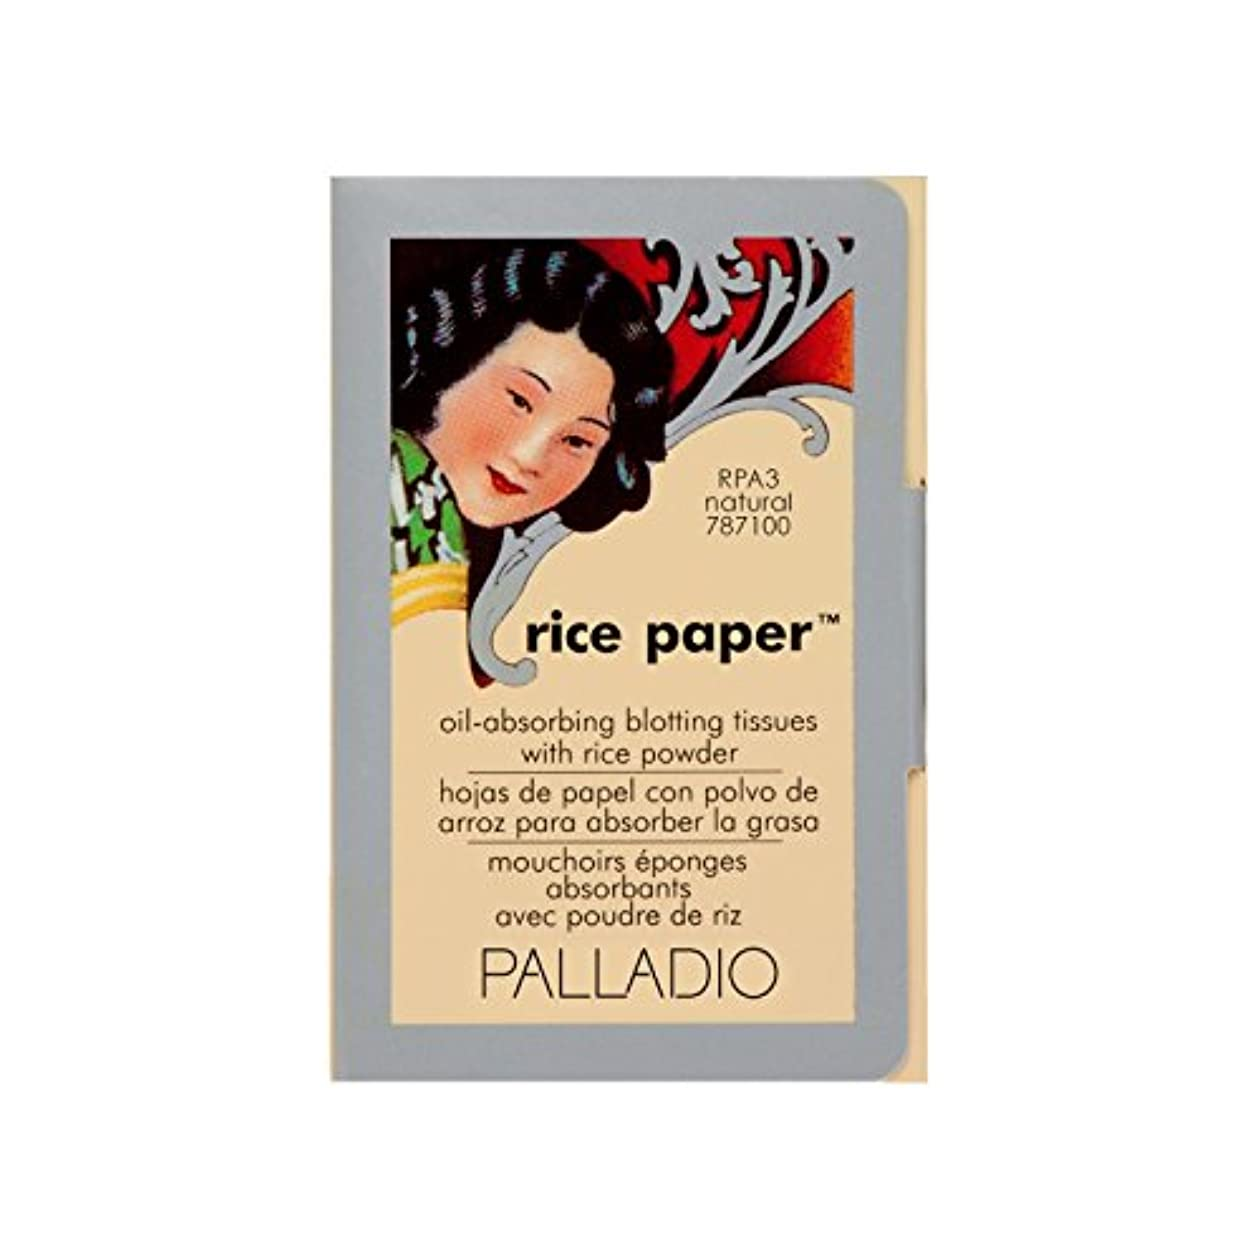 ペチュランスモディッシュ書き出すPalladio ライスペーパーティッシュ、米粉と顔あぶらとりシートは、オイルを吸収し、肌が新鮮で財布や旅行のための滑らかな、コンパクトなサイズを探し滞在を支援します ナチュラル